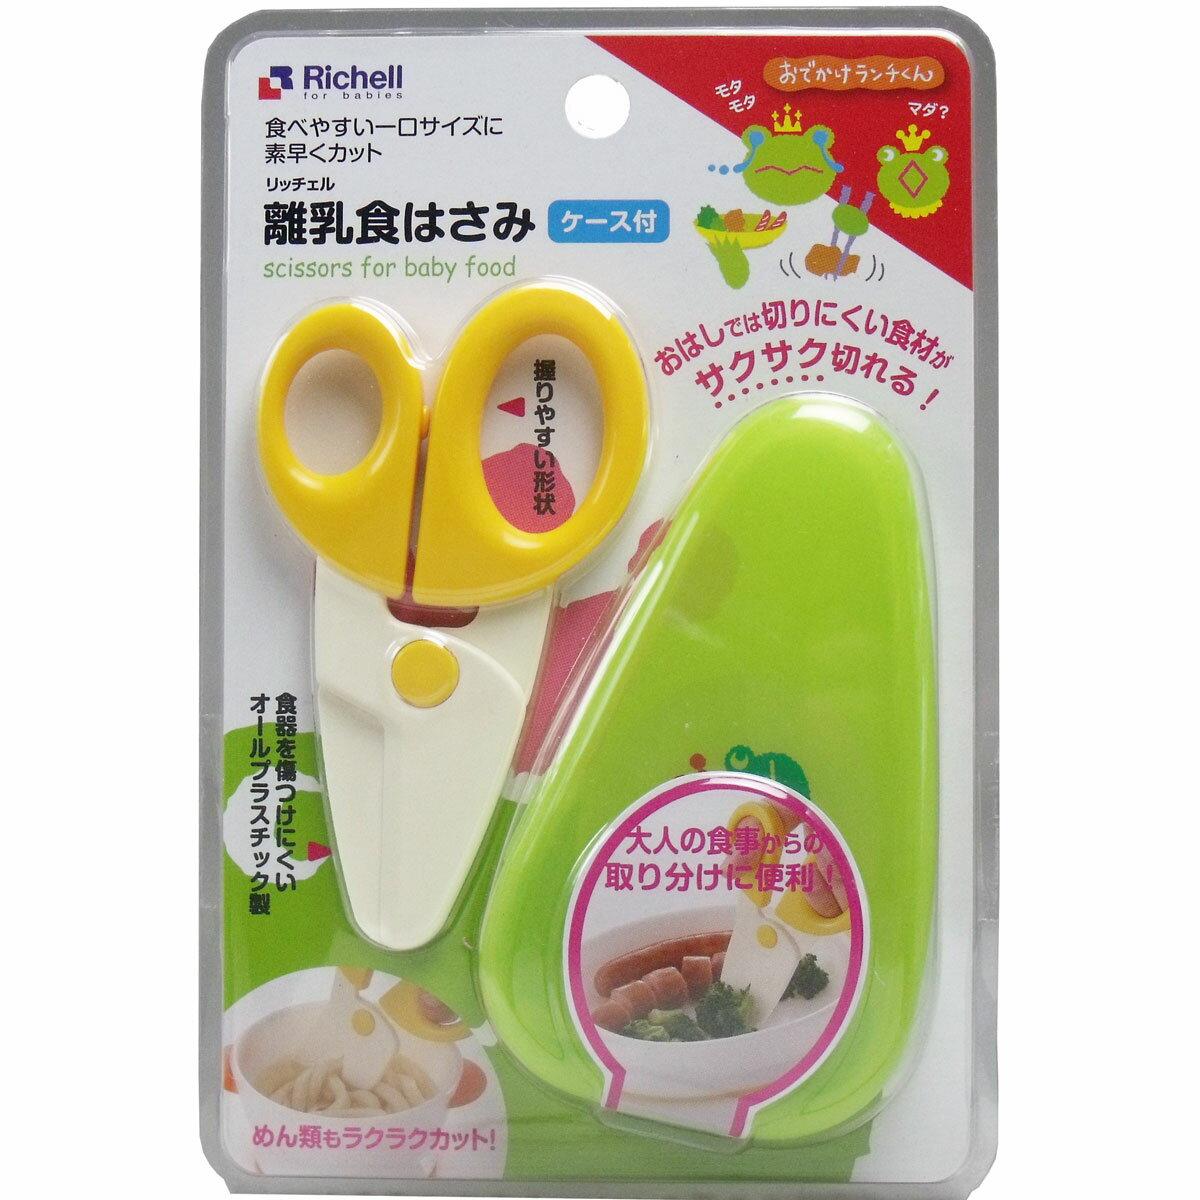 日本利其爾Richell 離乳食物剪刀【附盒裝】可剪肉/剪菜/ 食物剪刀